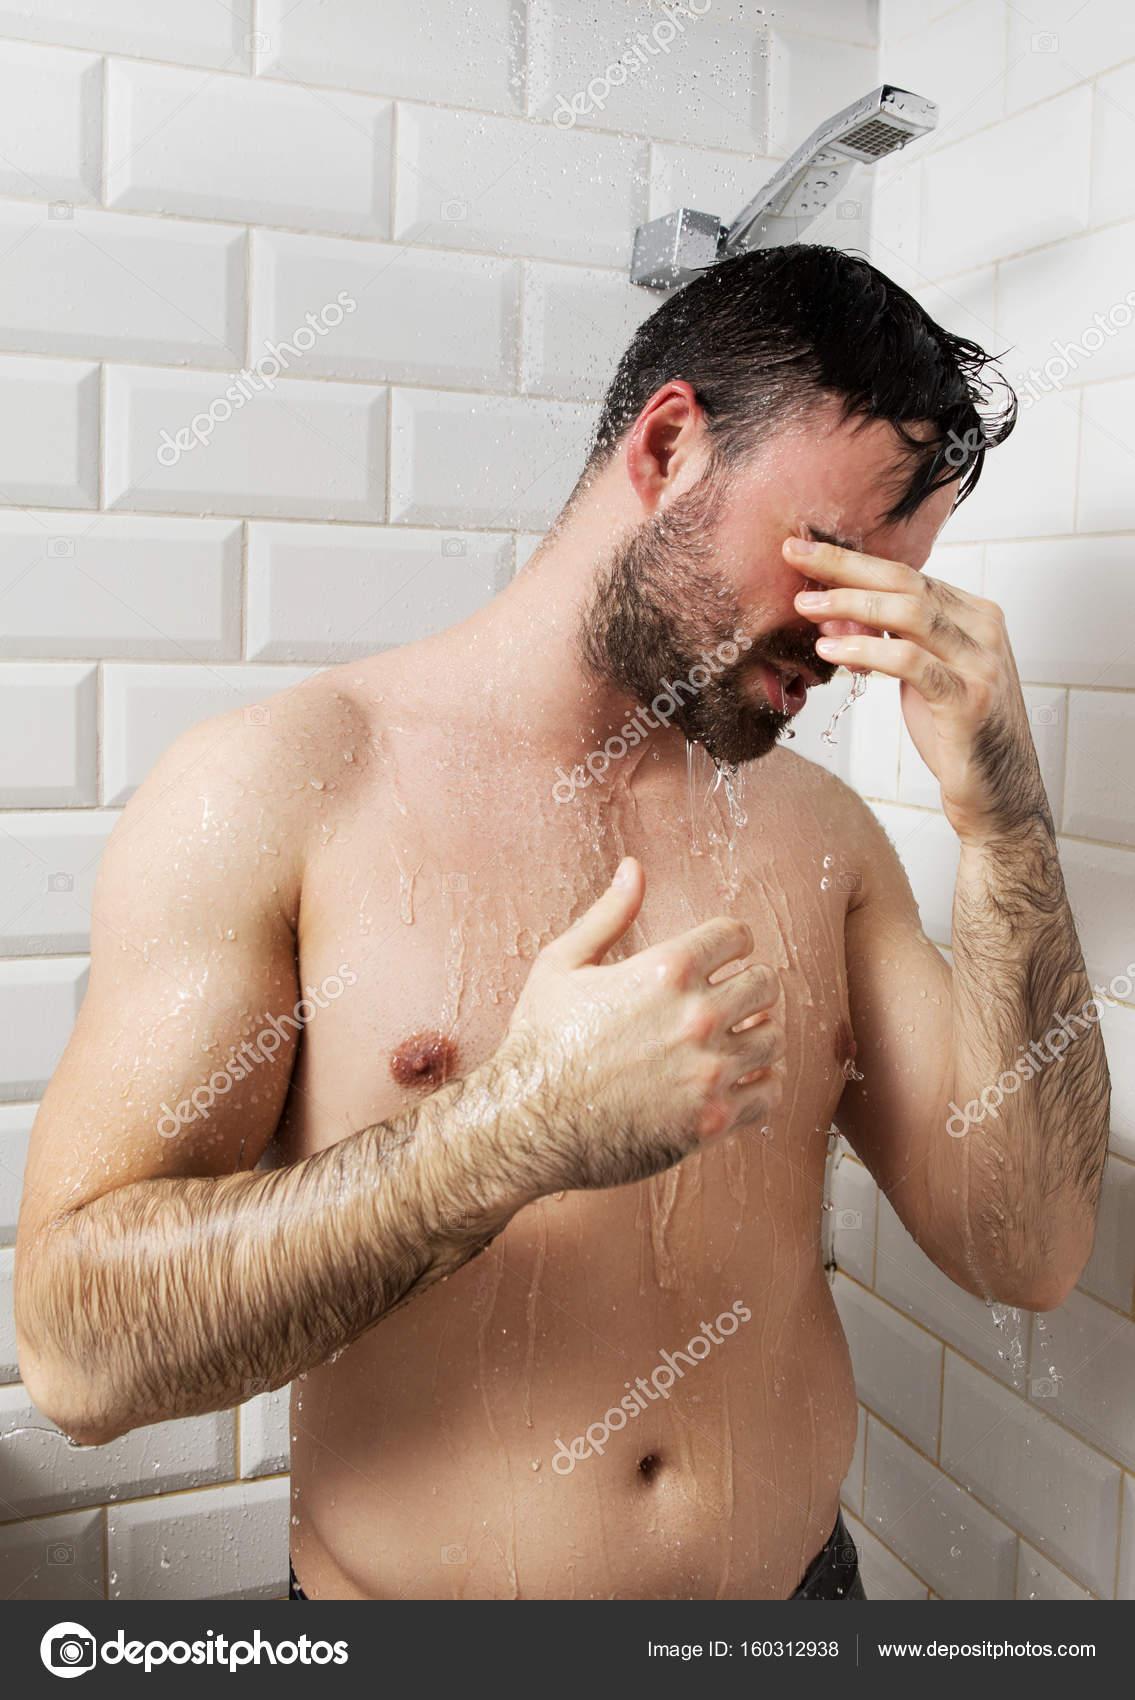 nackt duschen mann